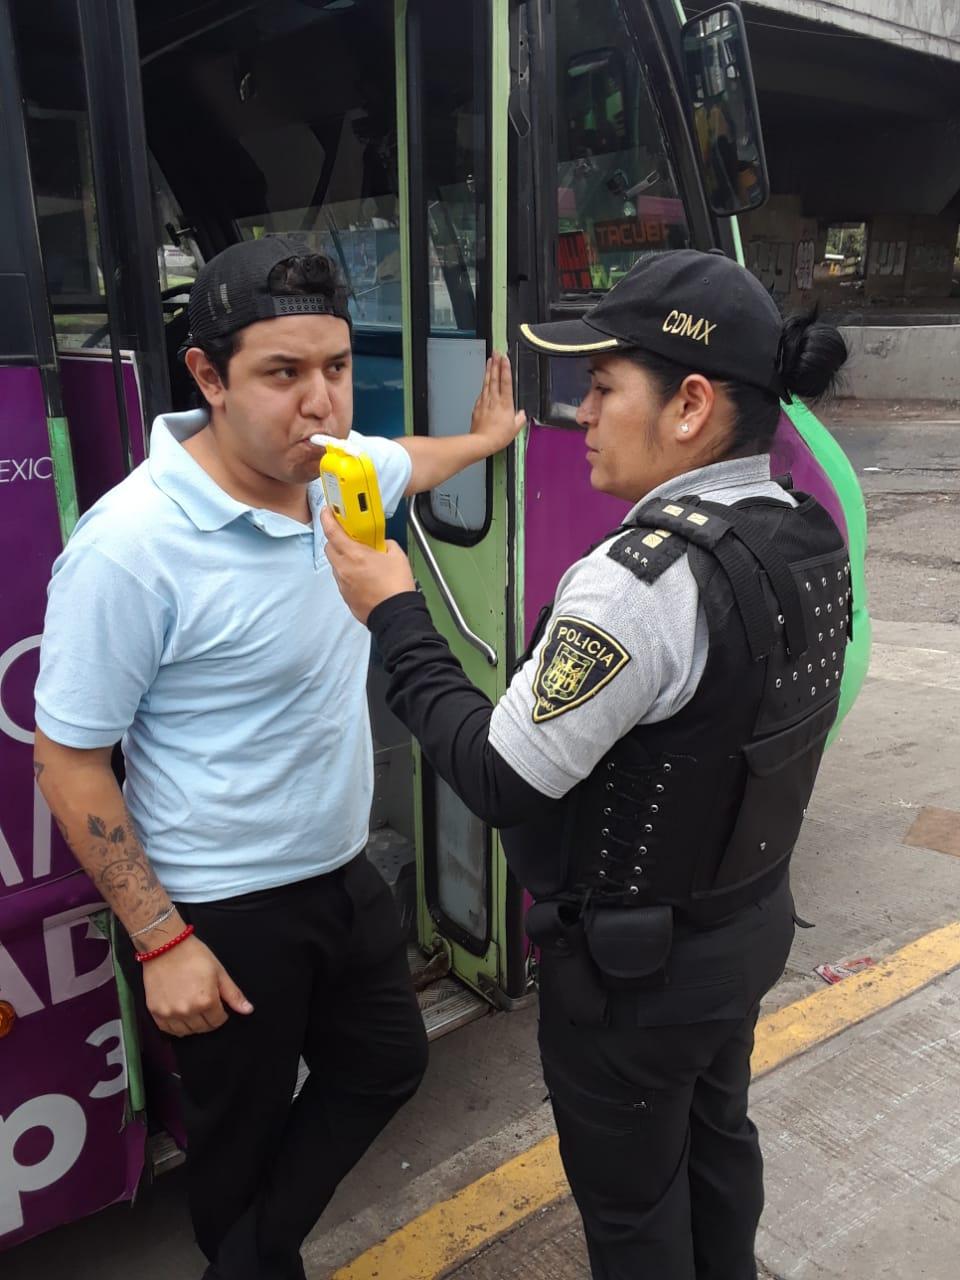 SSC realiza pruebas de Alcoholemia a conductores del Transporte Público en diferentes Rutas de la Ciudad